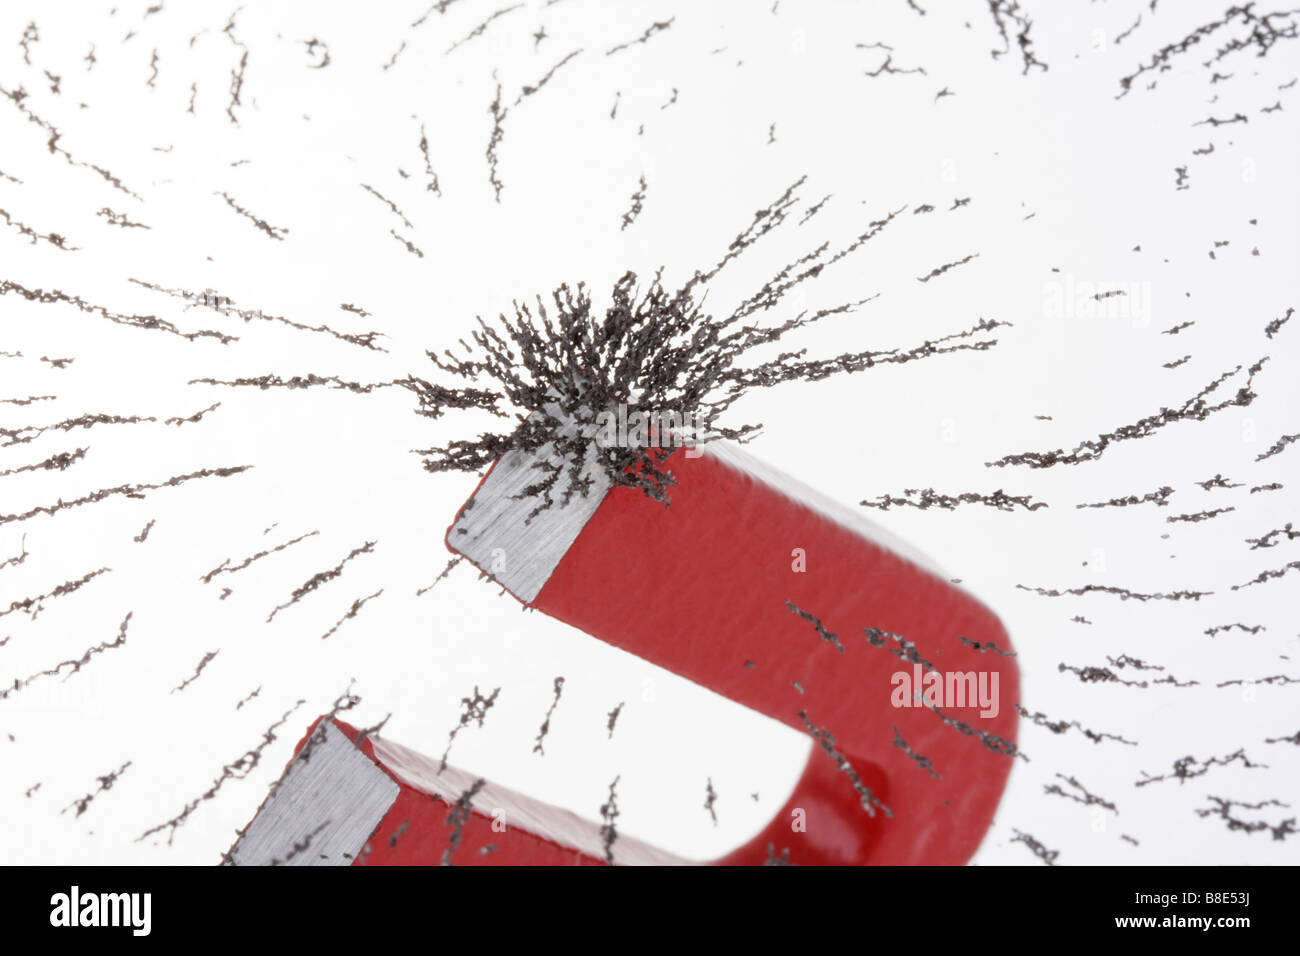 Les particules de fer magnétisé par dépôt d'aimant de fer à cheval Photo Stock